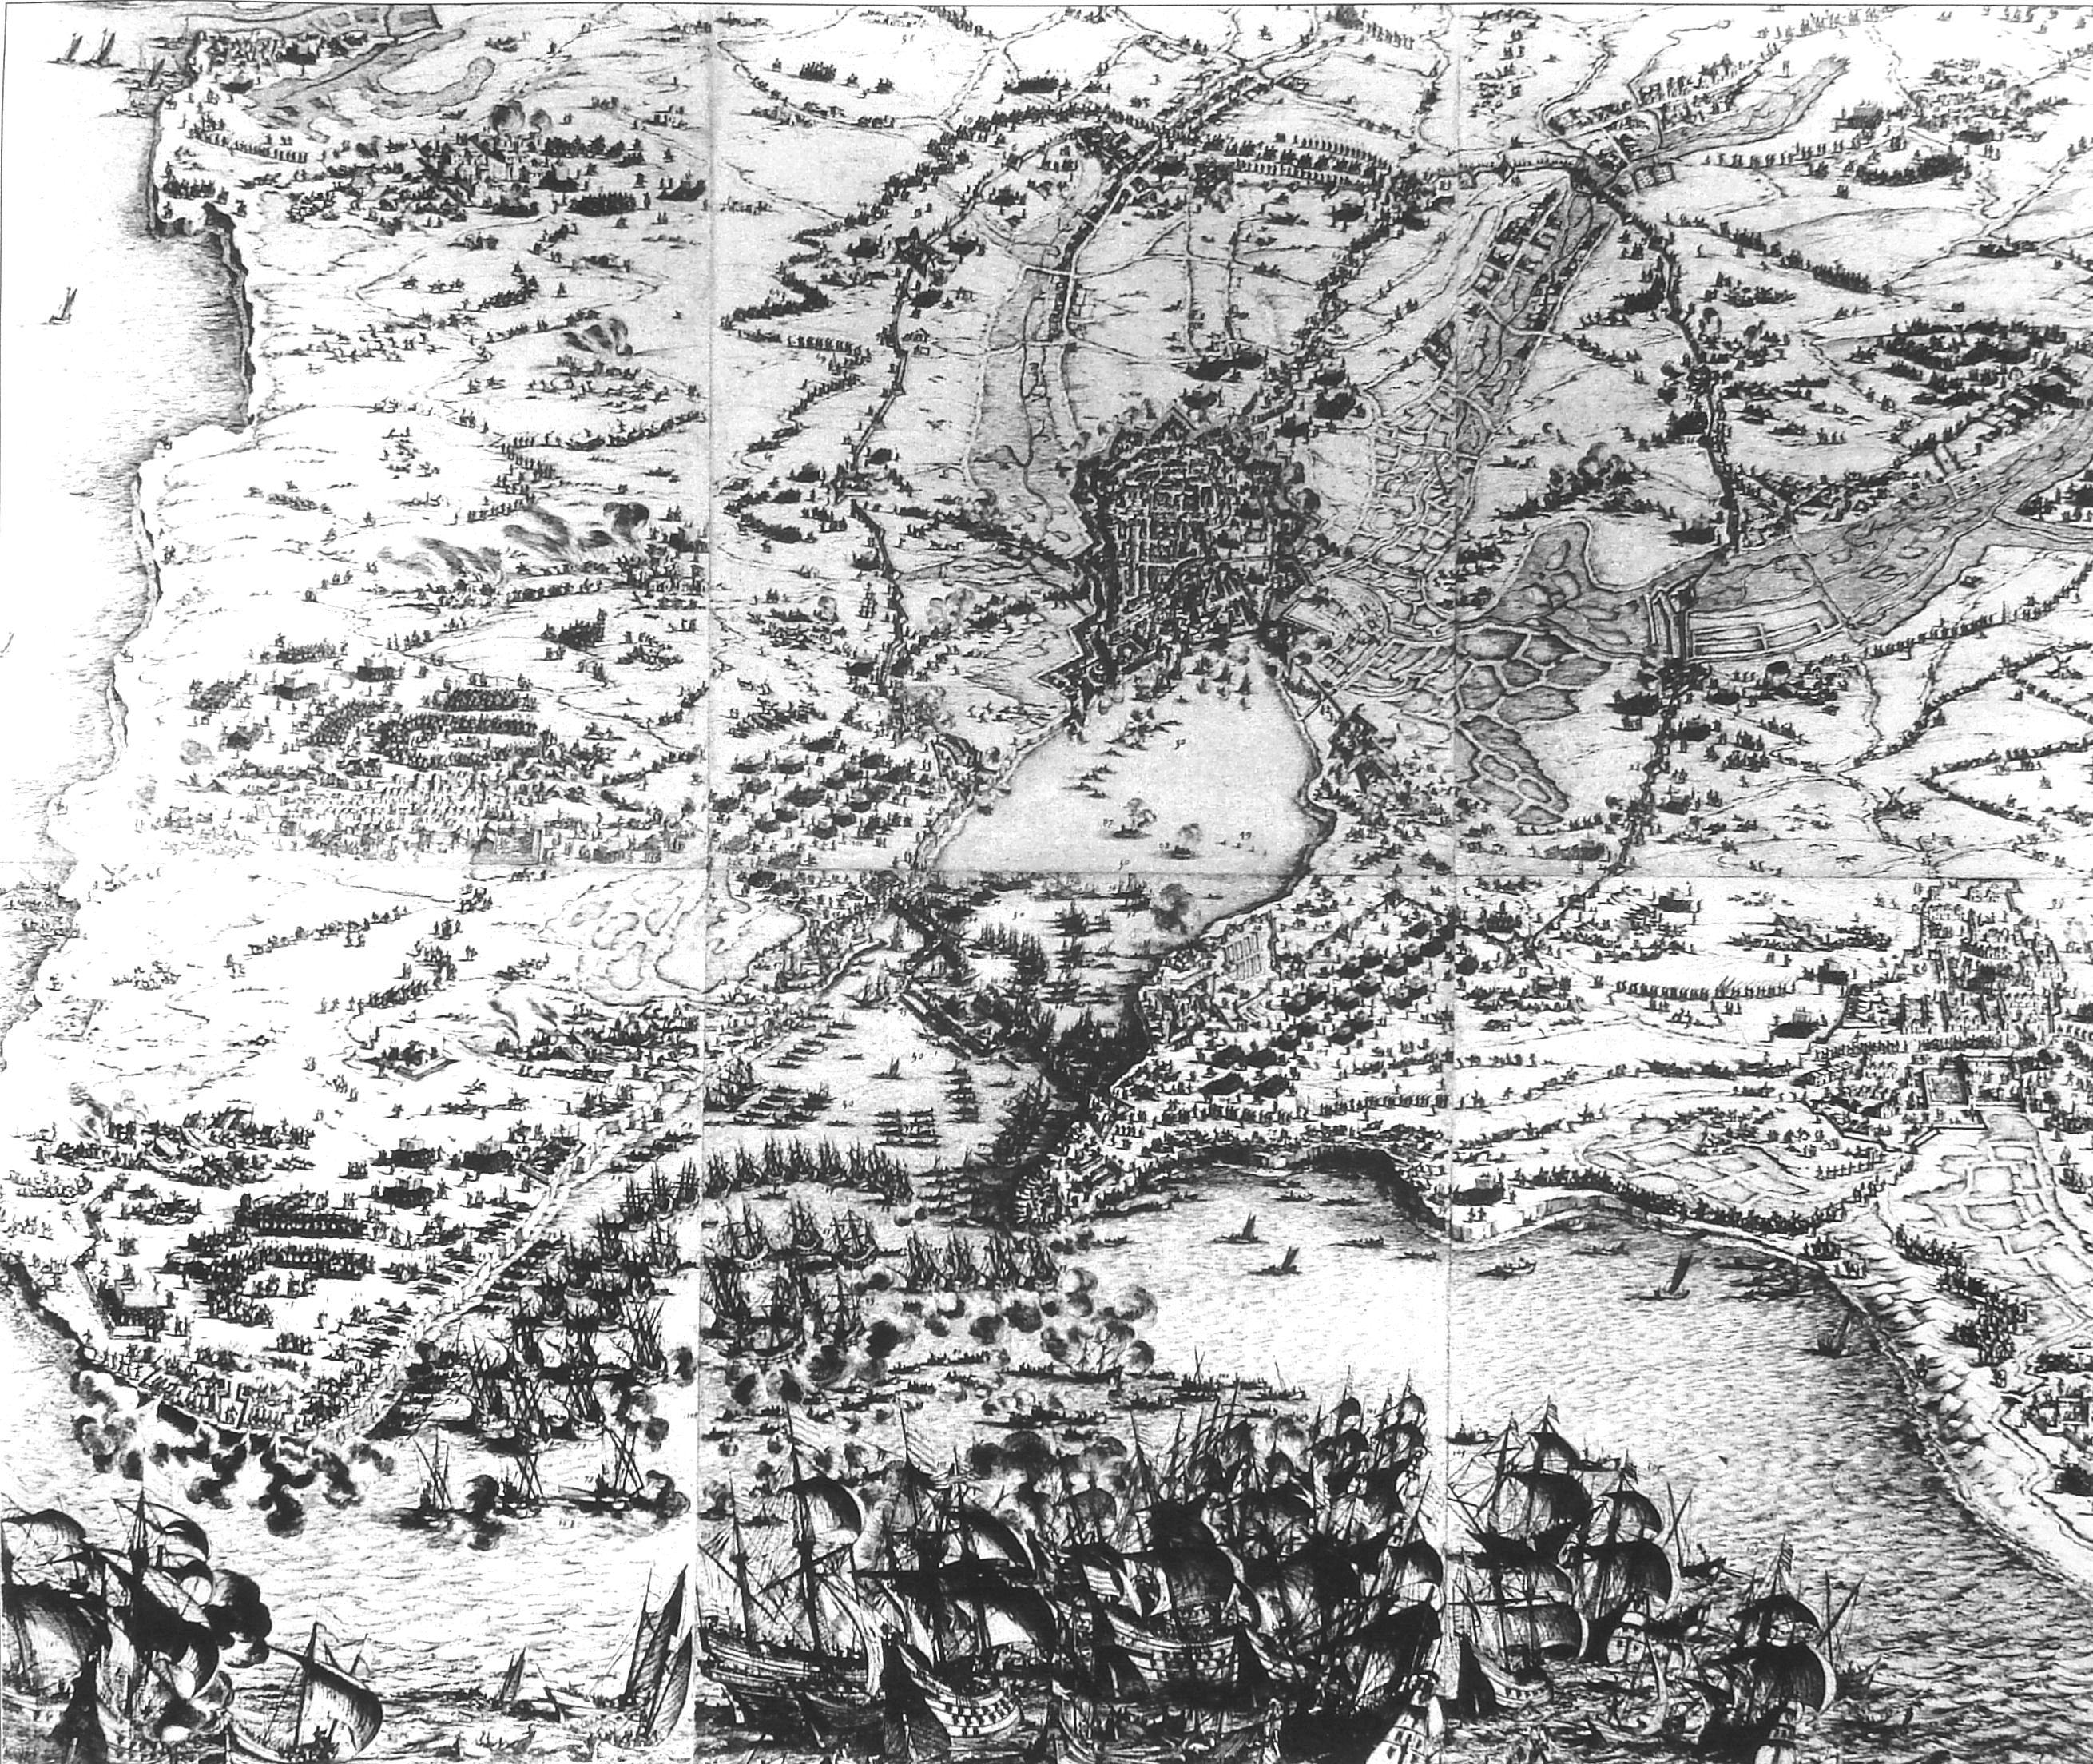 Le Siège de La Rochelle par Jacques Callot